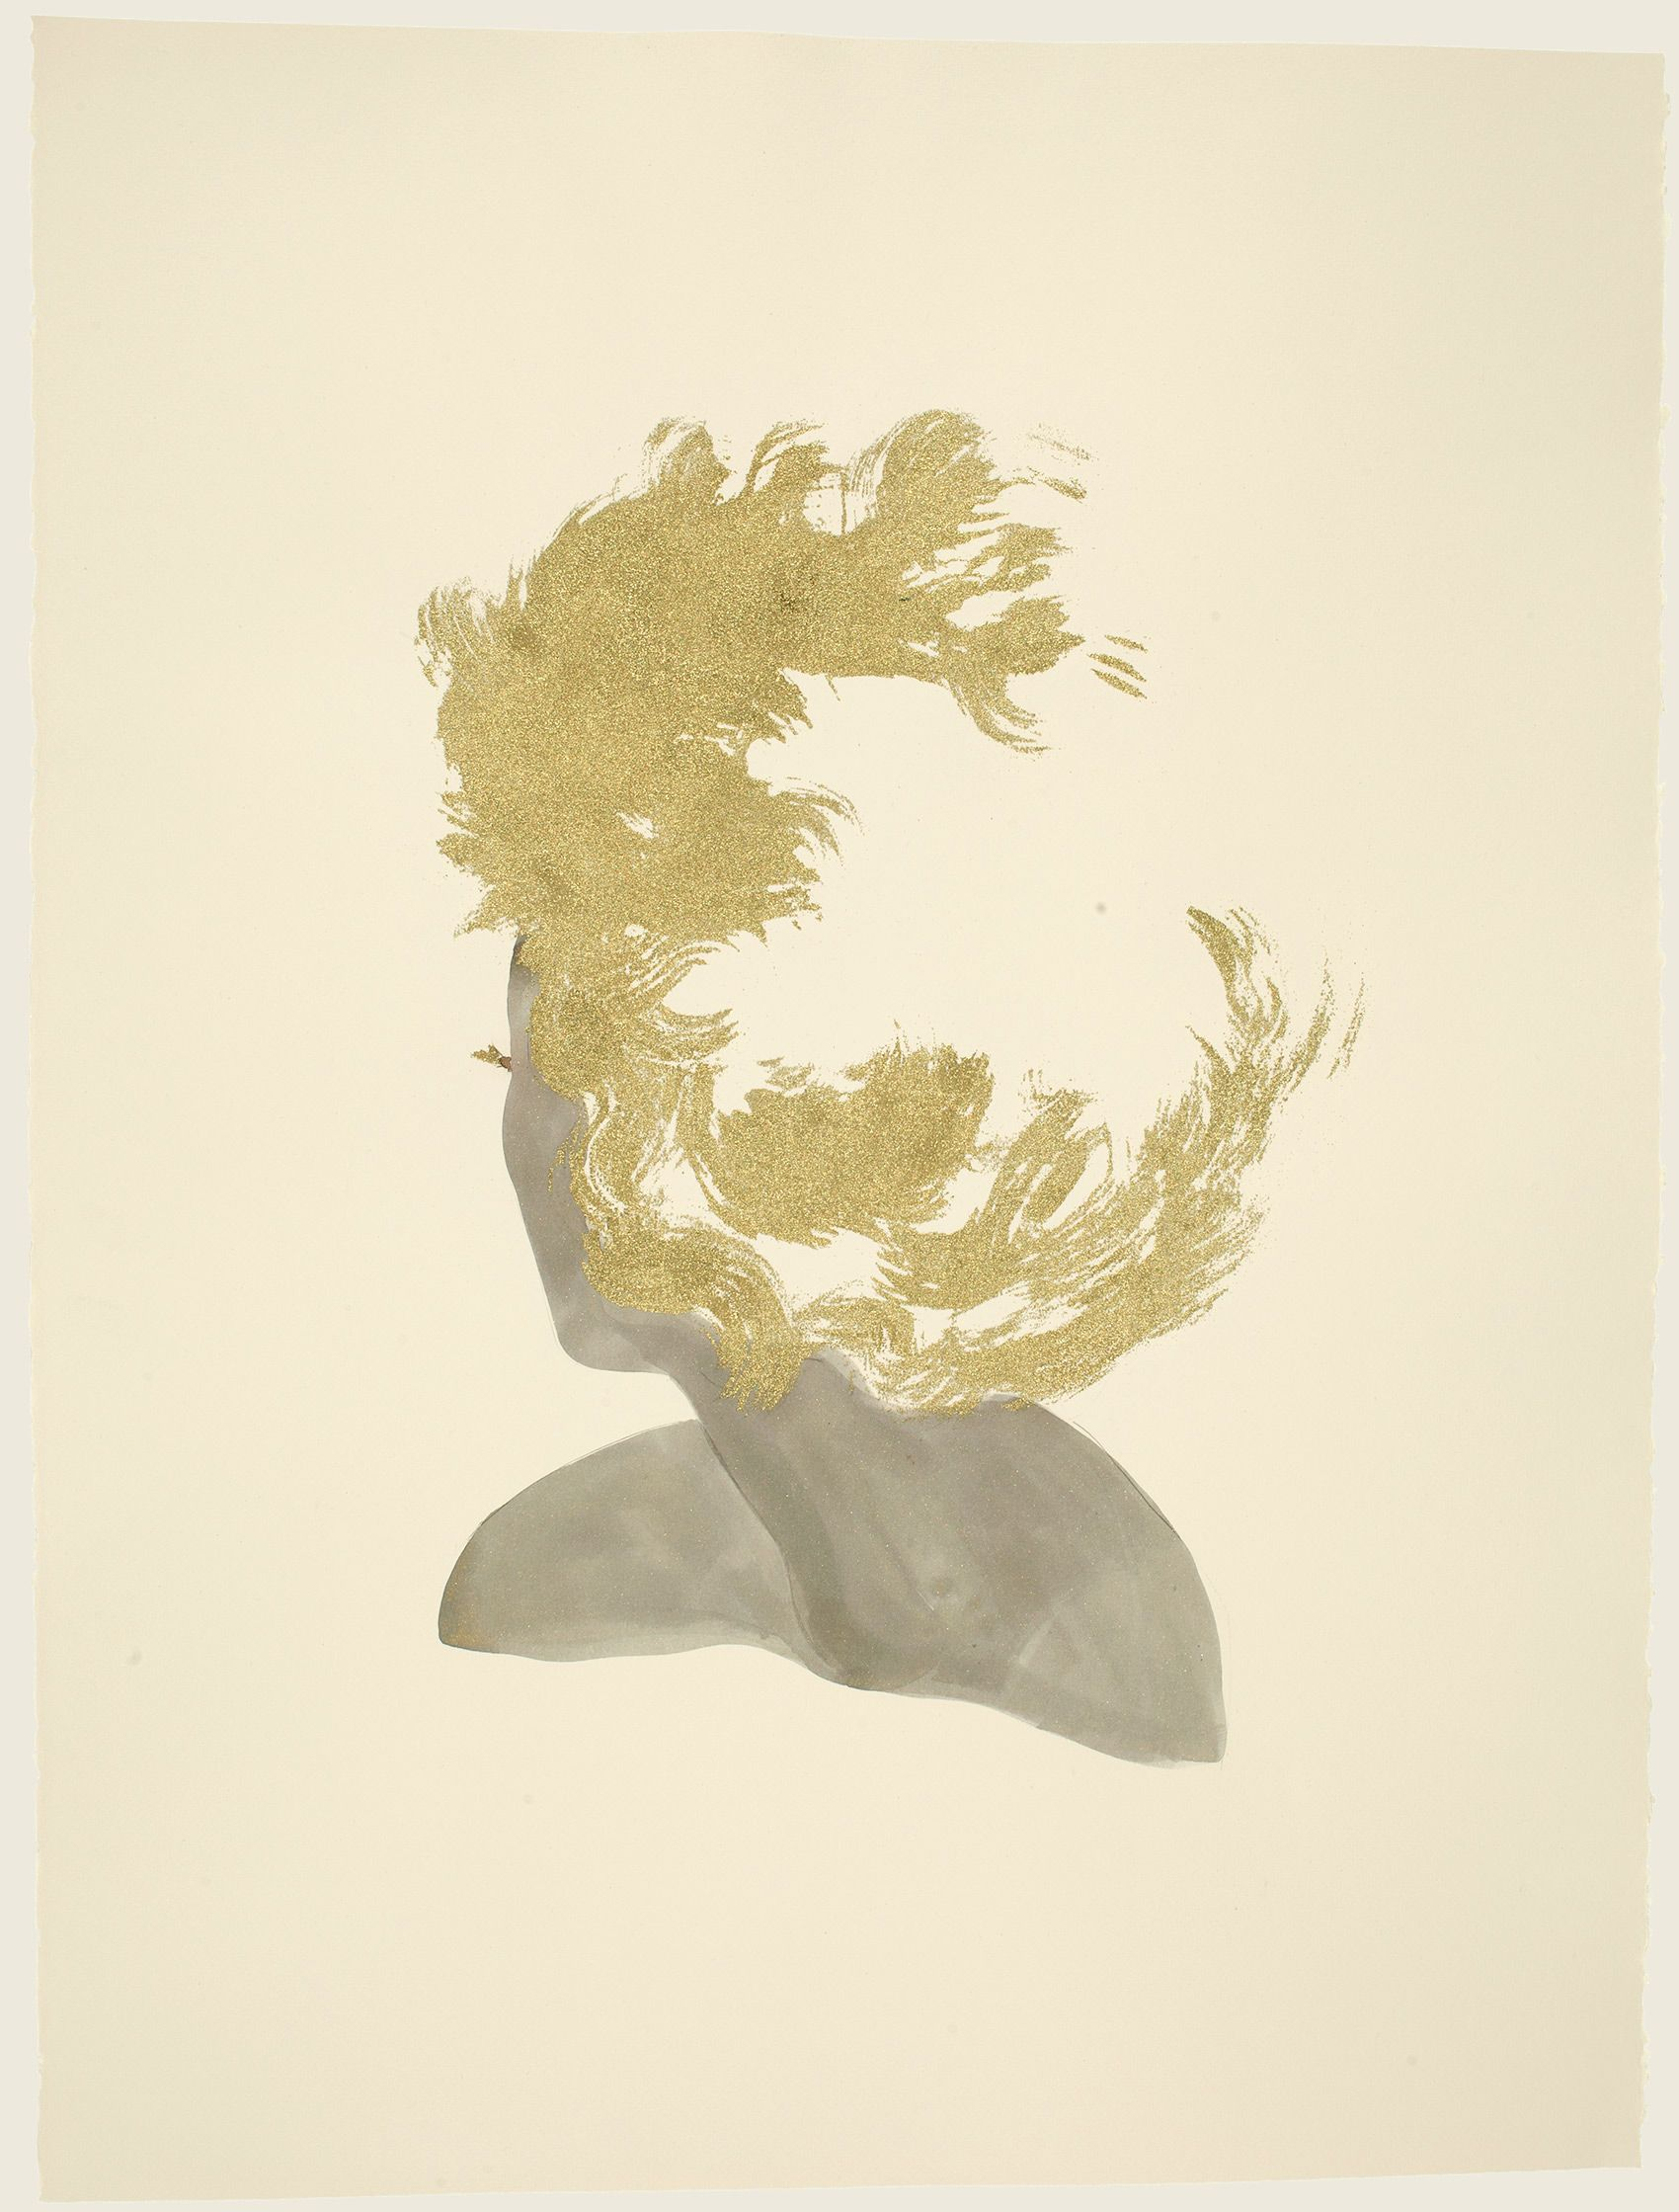 Gold Head A3, 2011